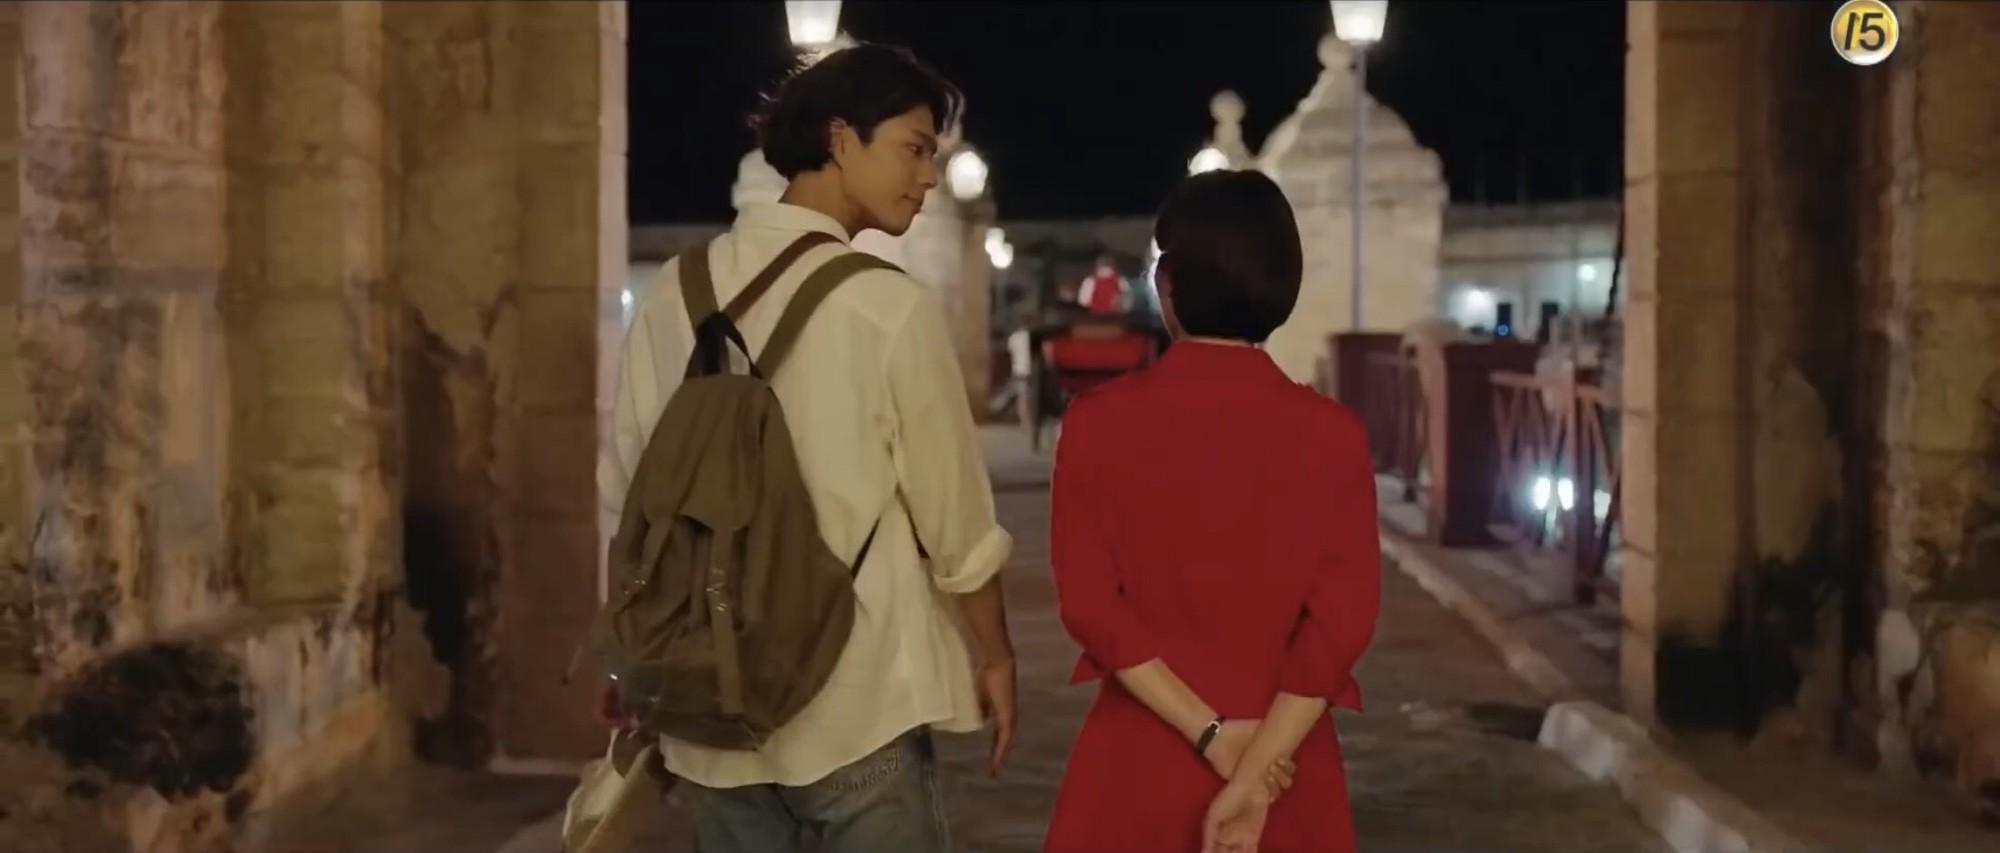 Song Hye Kyo và Park Bo Gum trong teaser mới nhất của Encounter: Một lần tương ngộ, nghìn ngày khó quên - Ảnh 5.